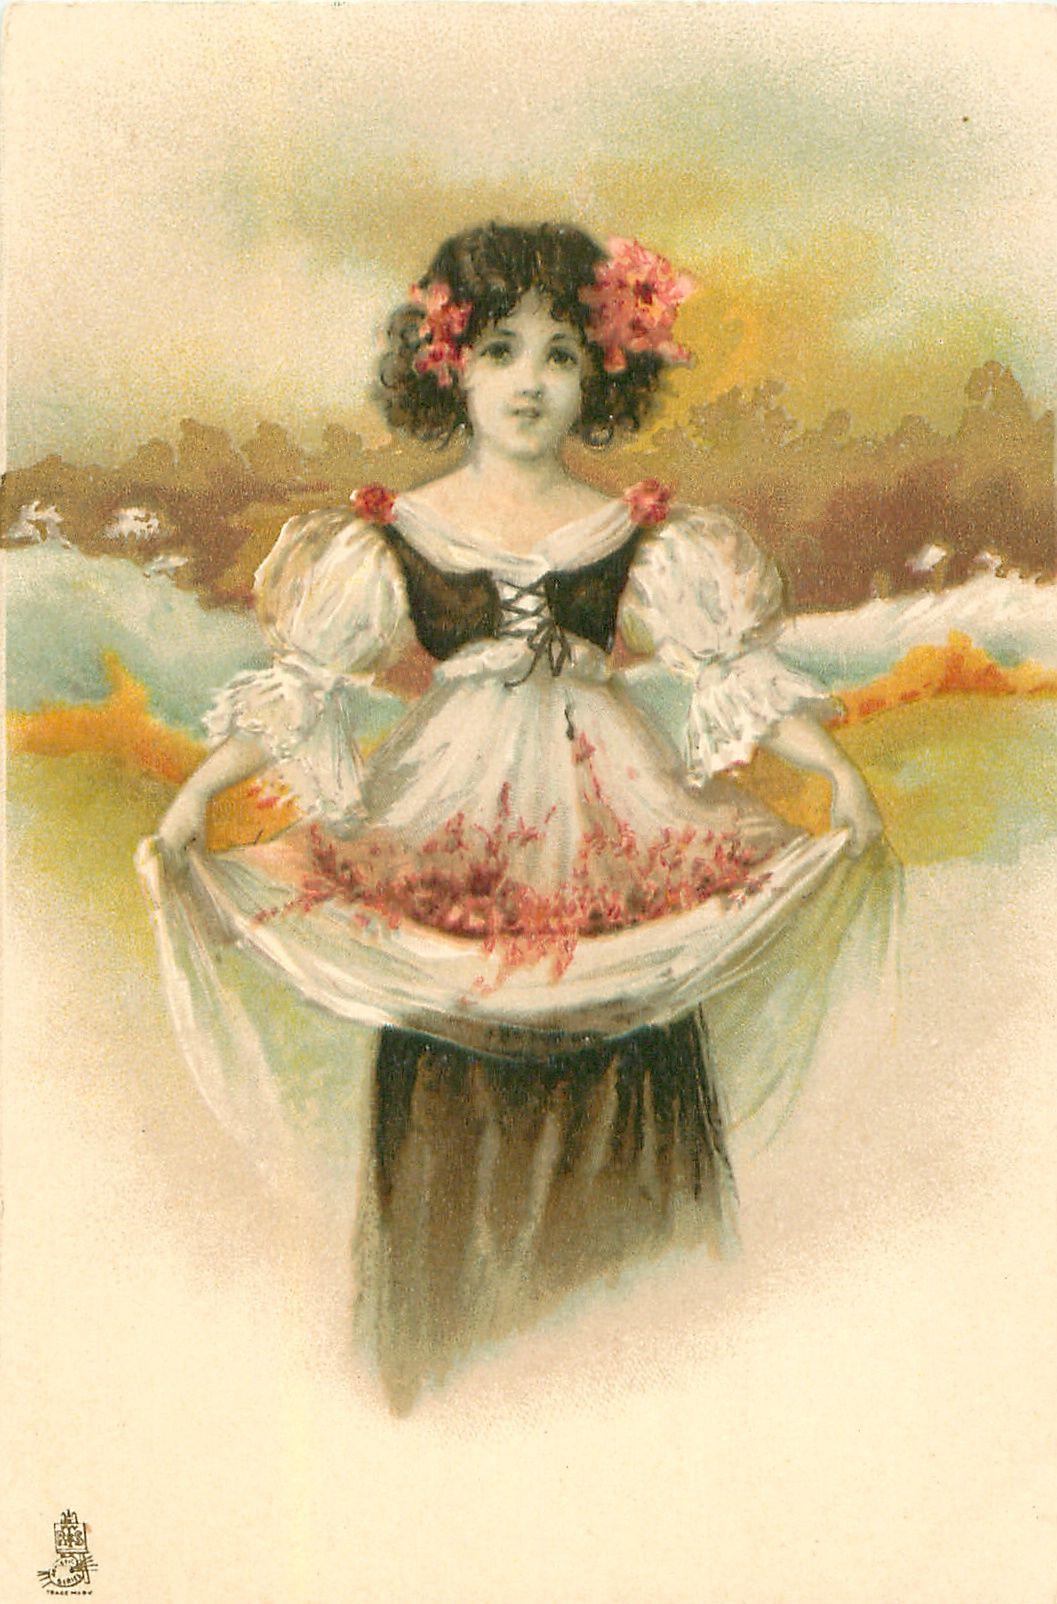 Girl in white dress black topholds flowers in skirt flowers in